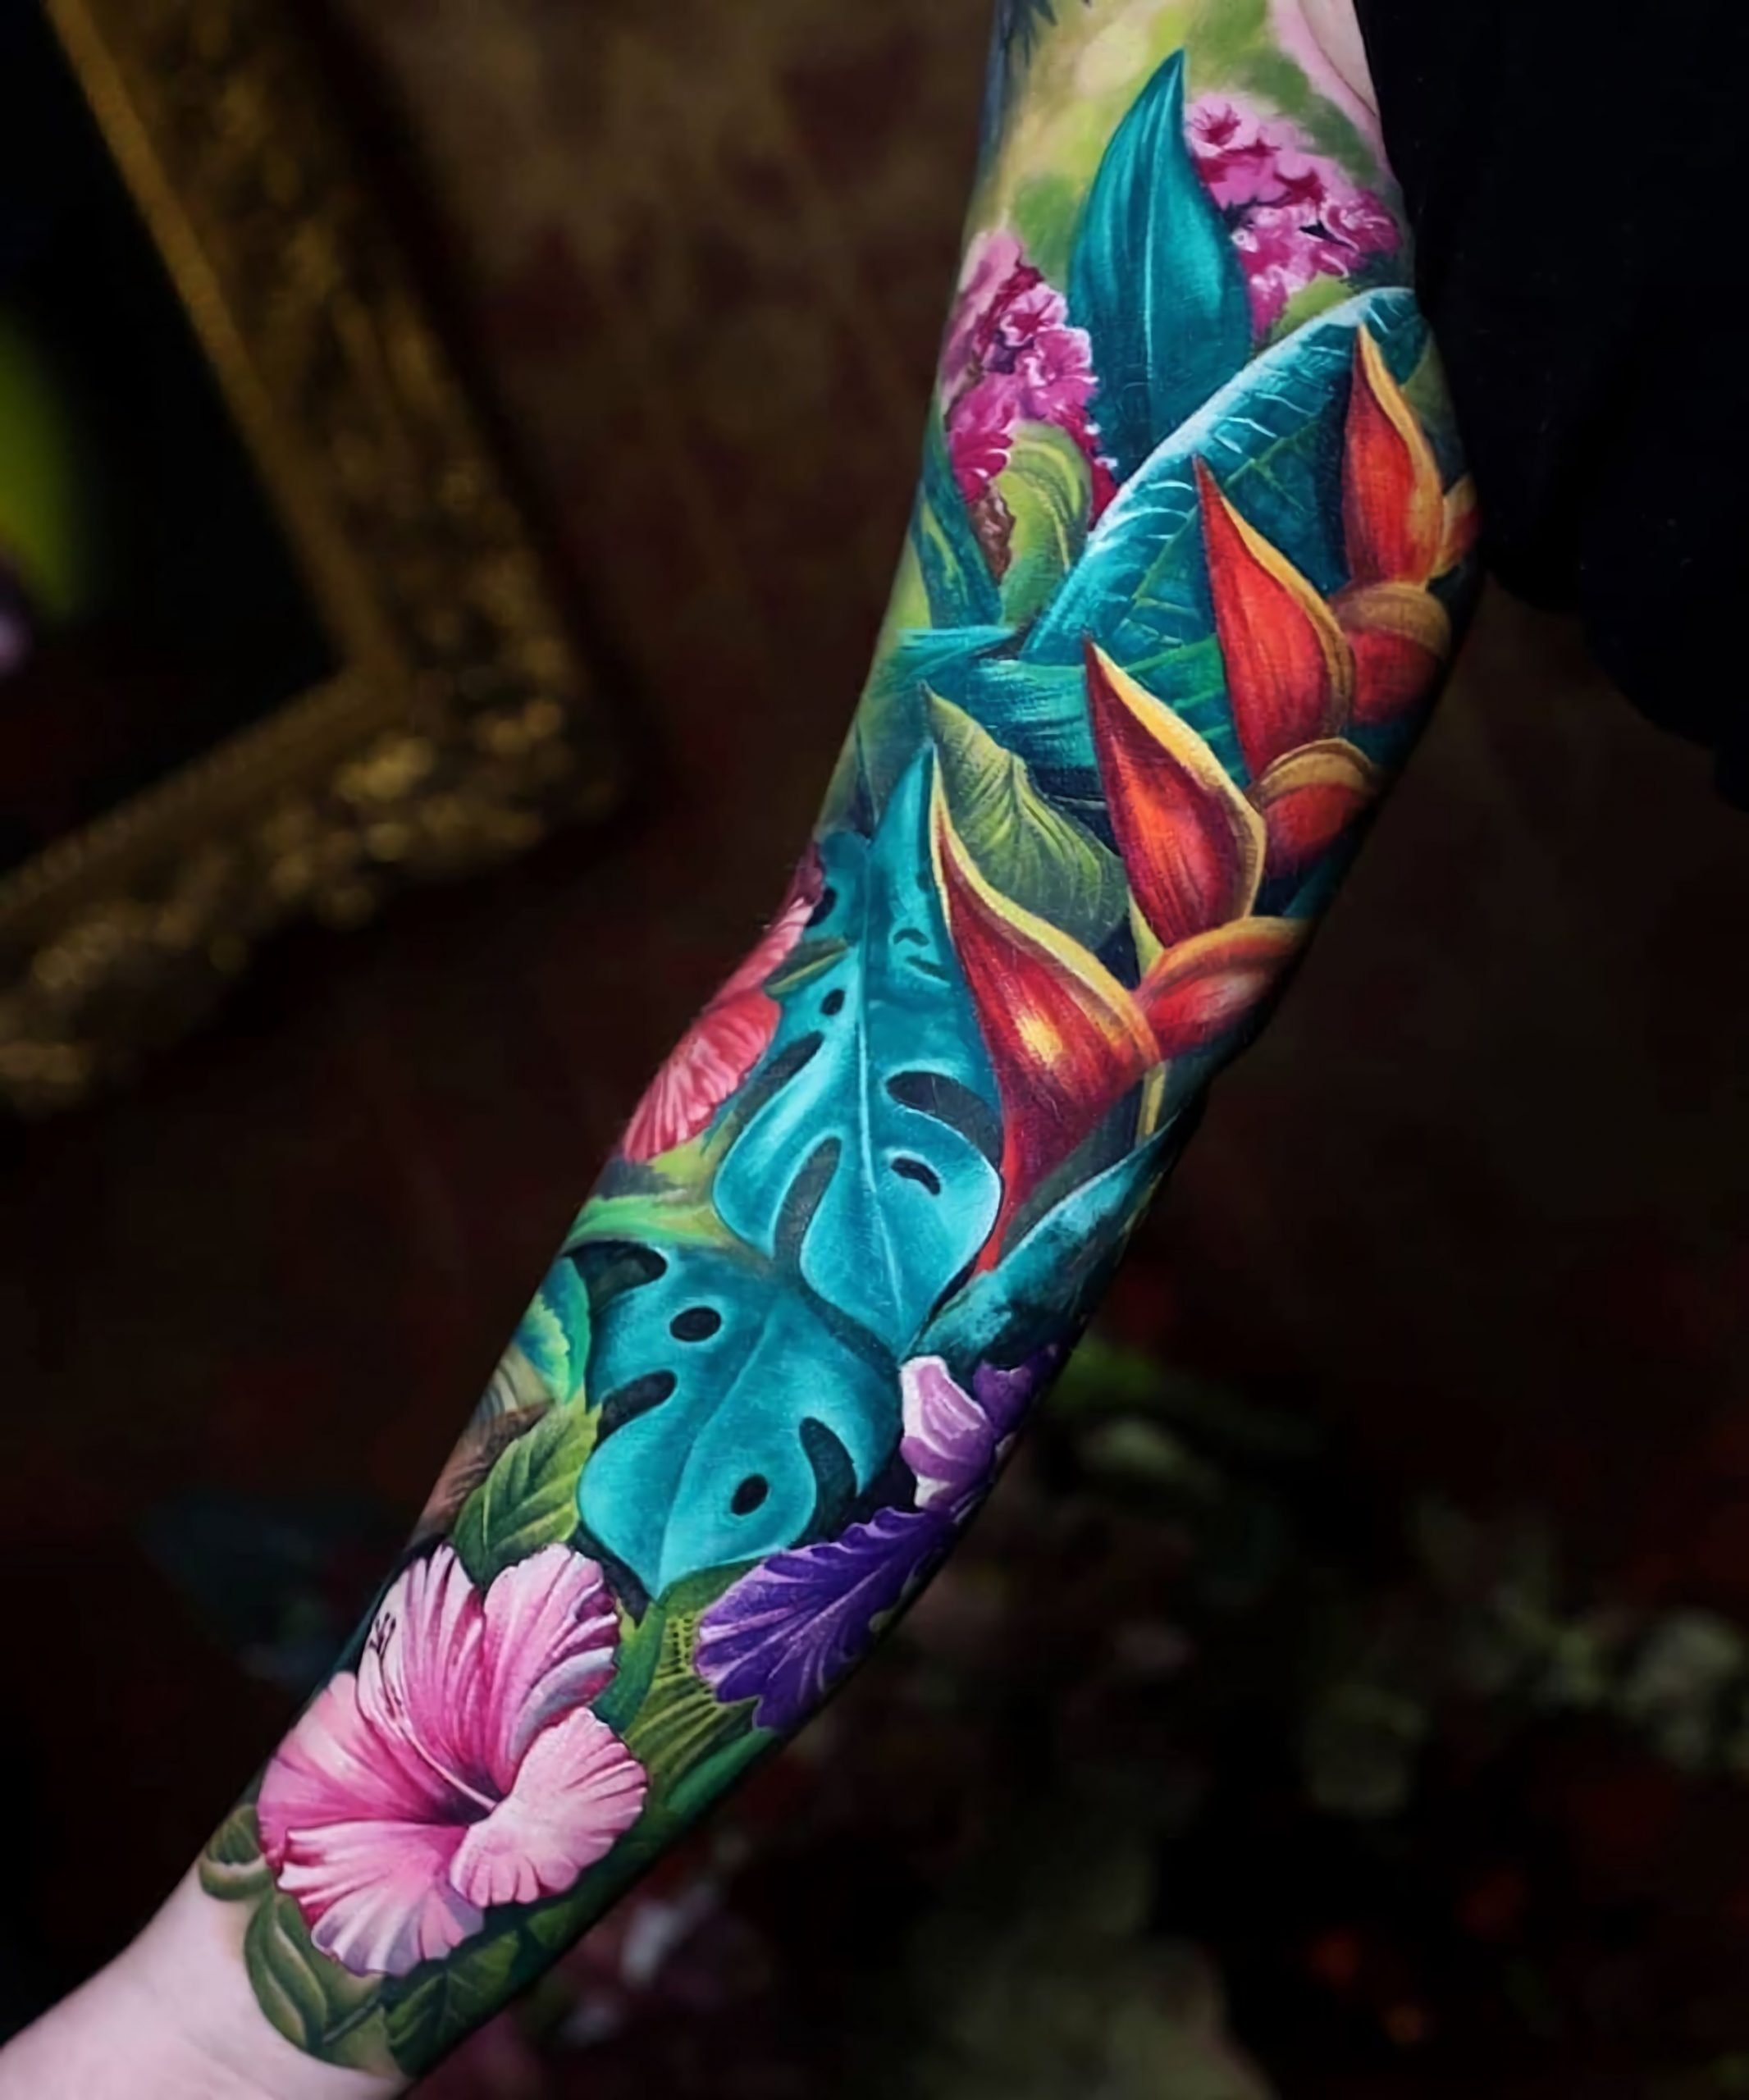 татуировка разноцветного рукава с цветами